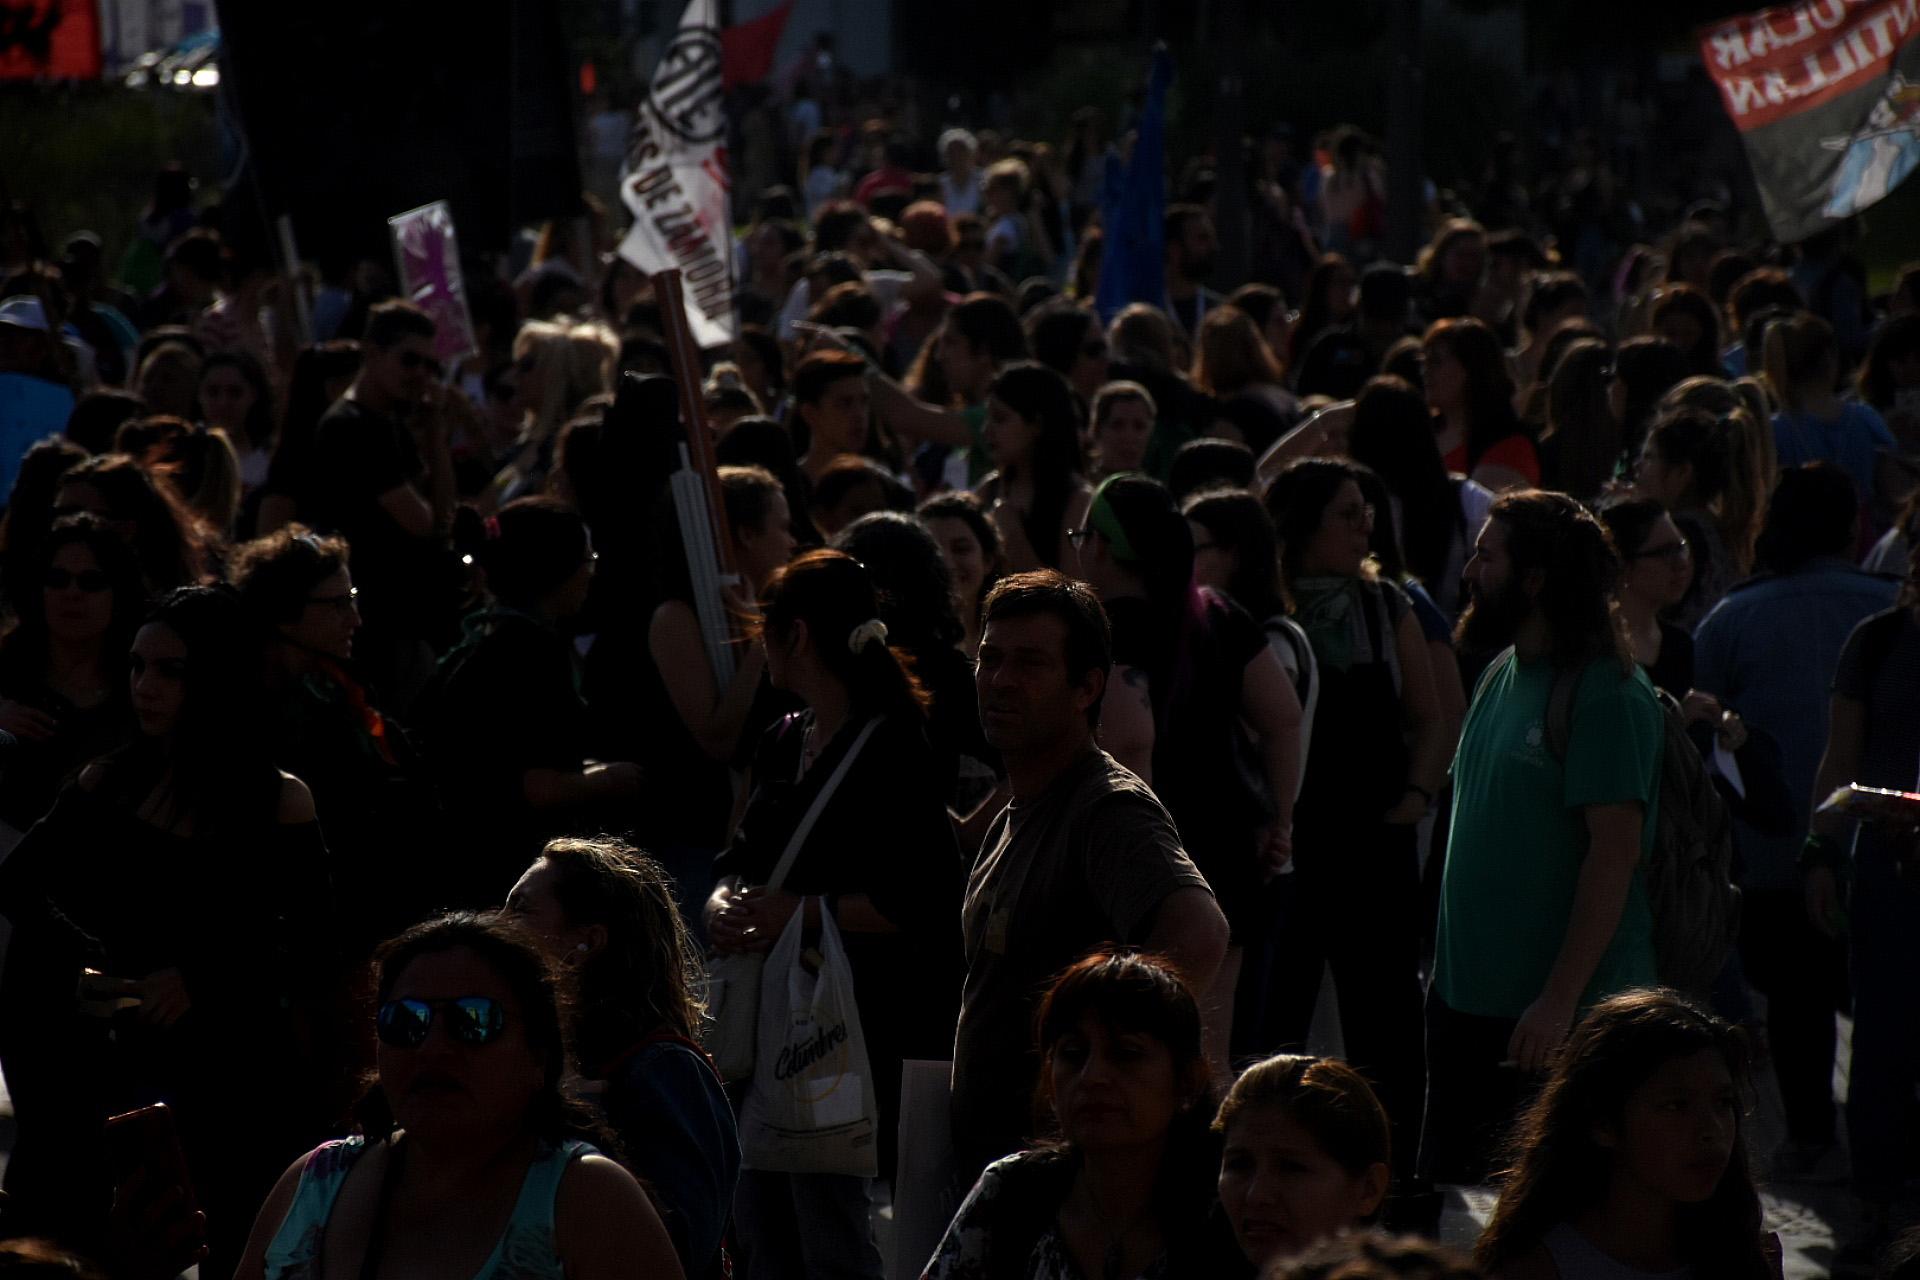 La jornada terminó en la Plaza de Mayo cerca de las 20